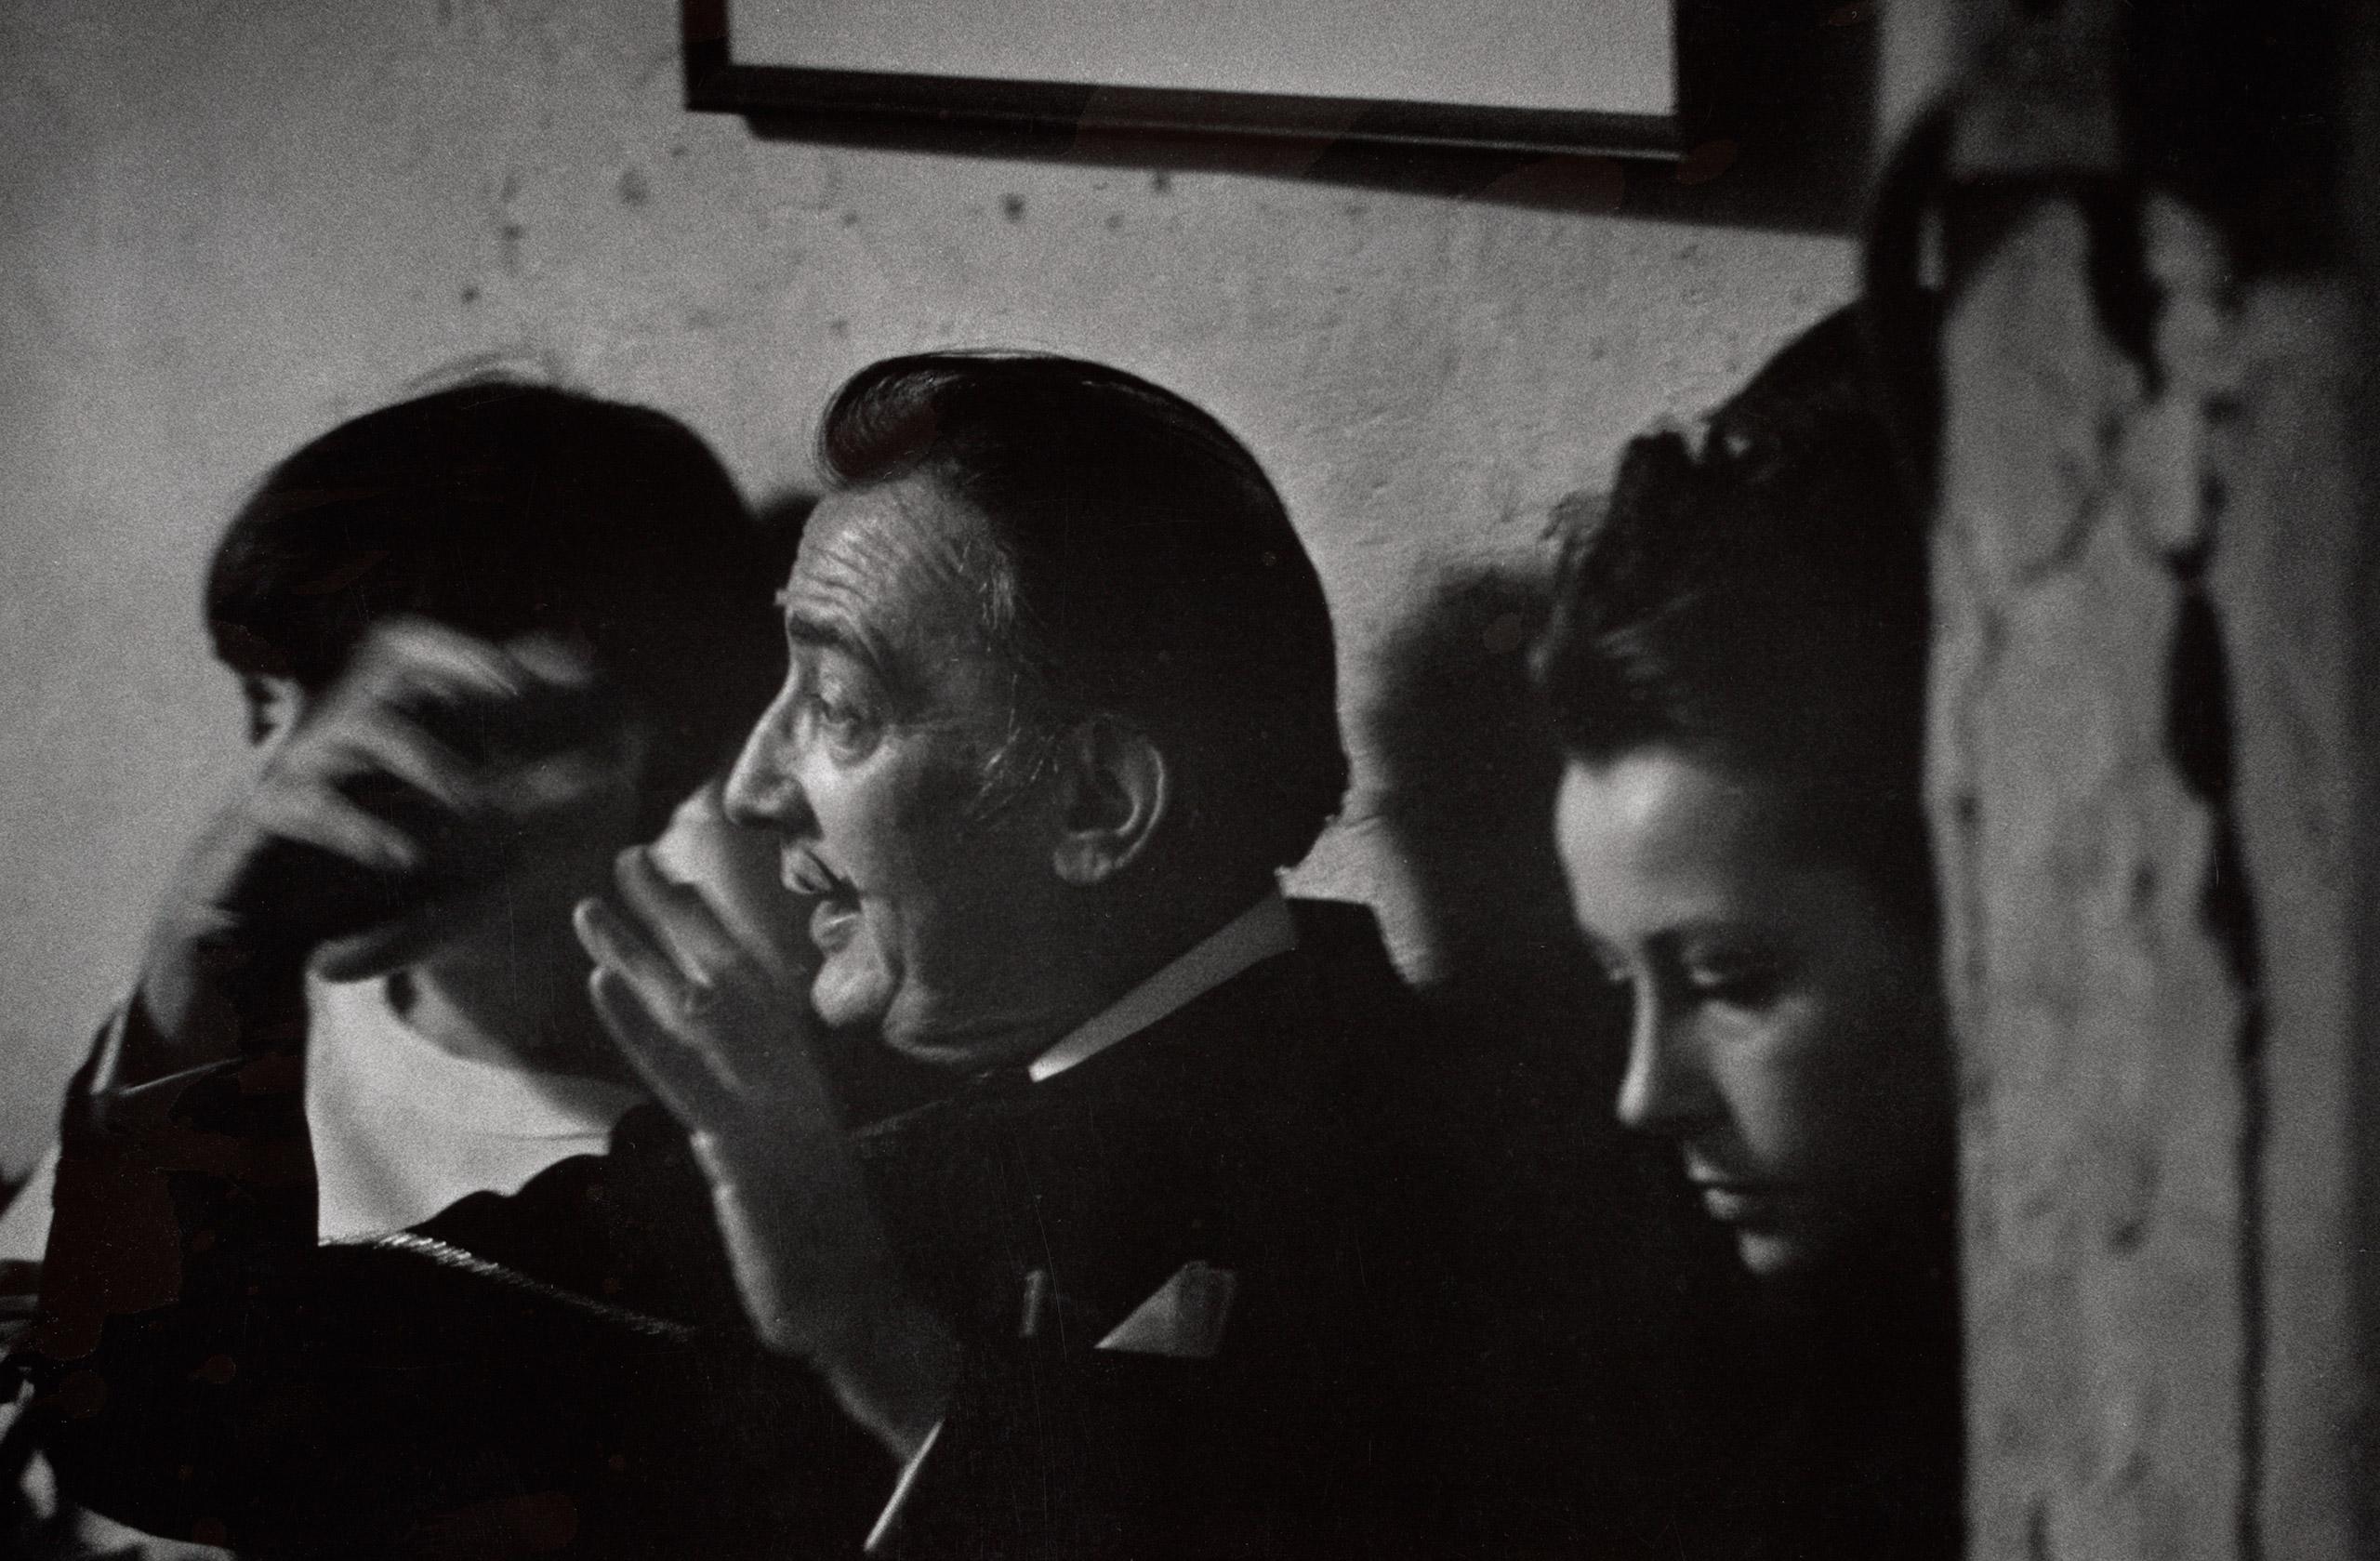 Salvador Dali and Ultra Violet at a loft party, c. 1960s.